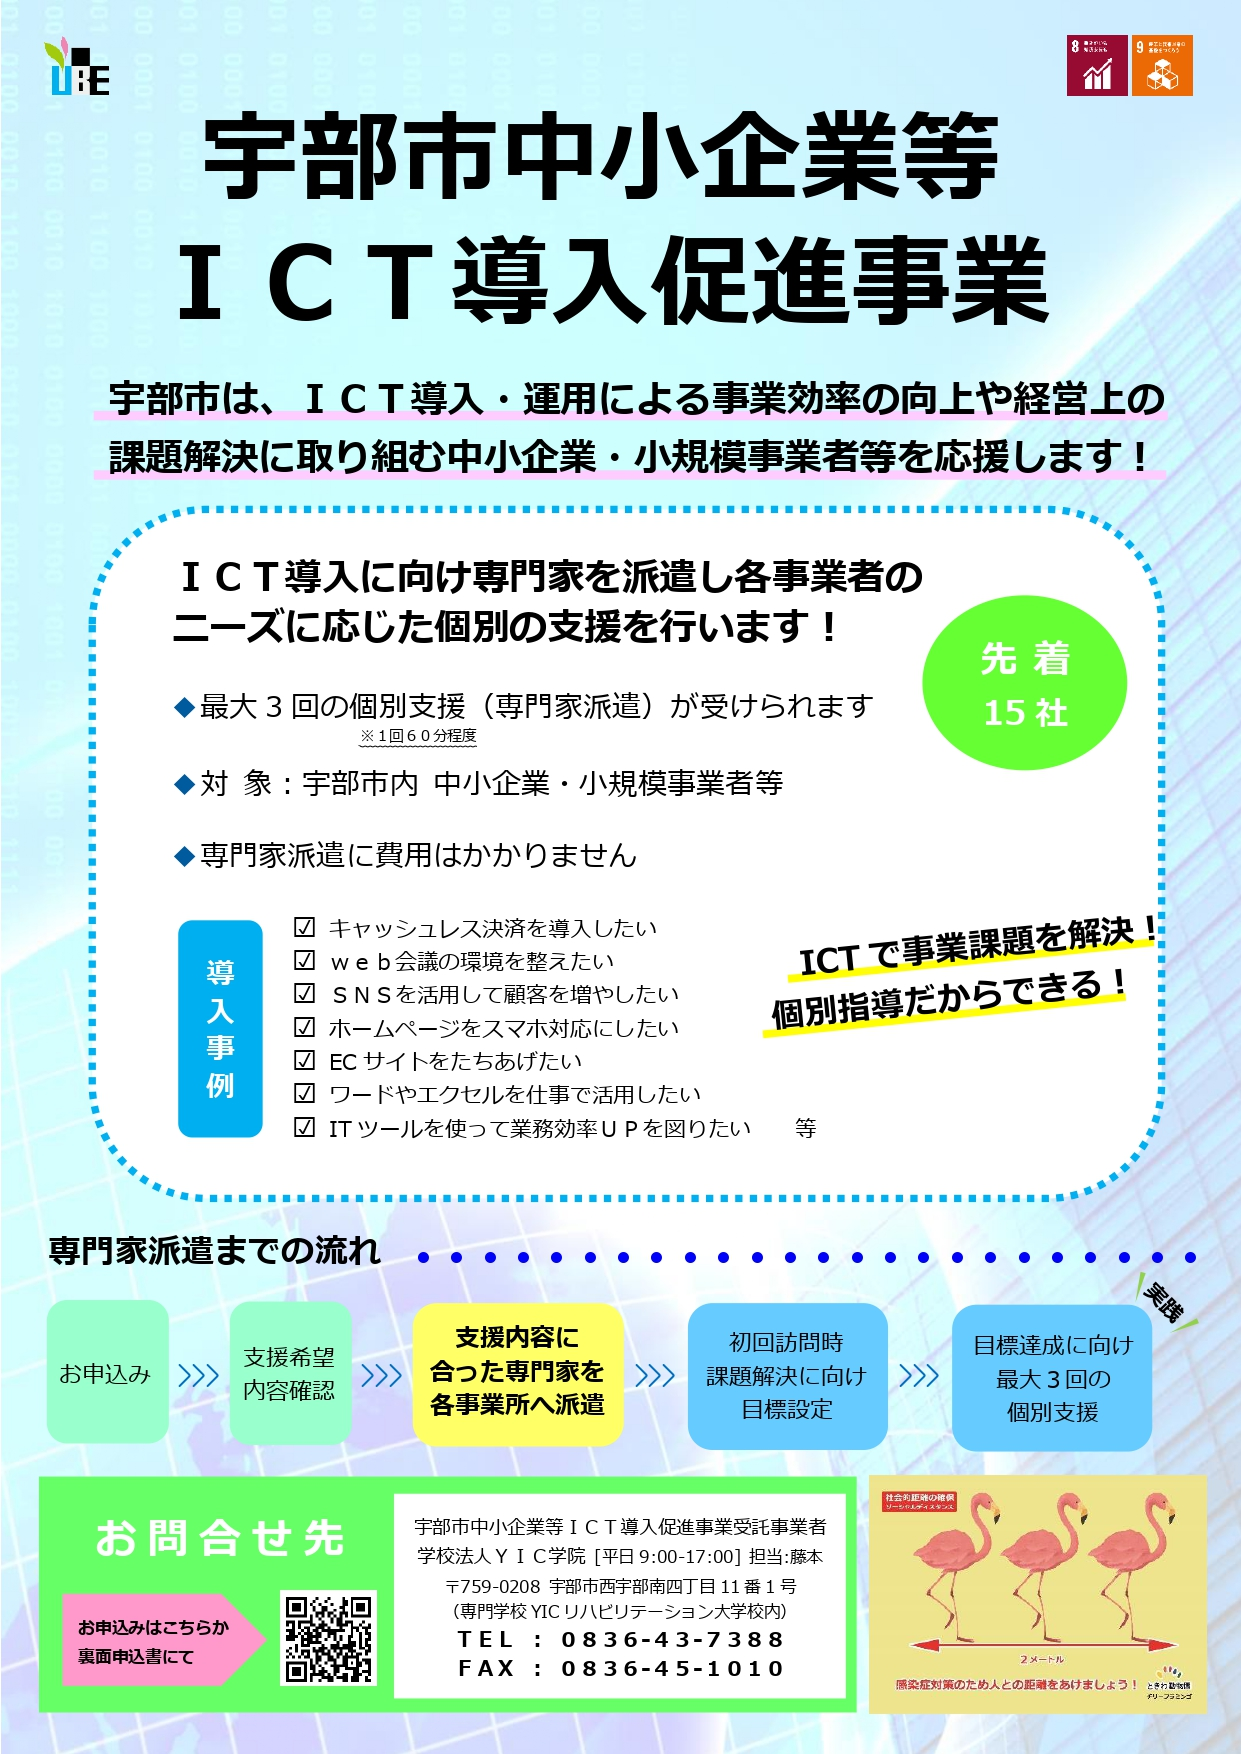 宇部市中小企業等ICT導入促進事業